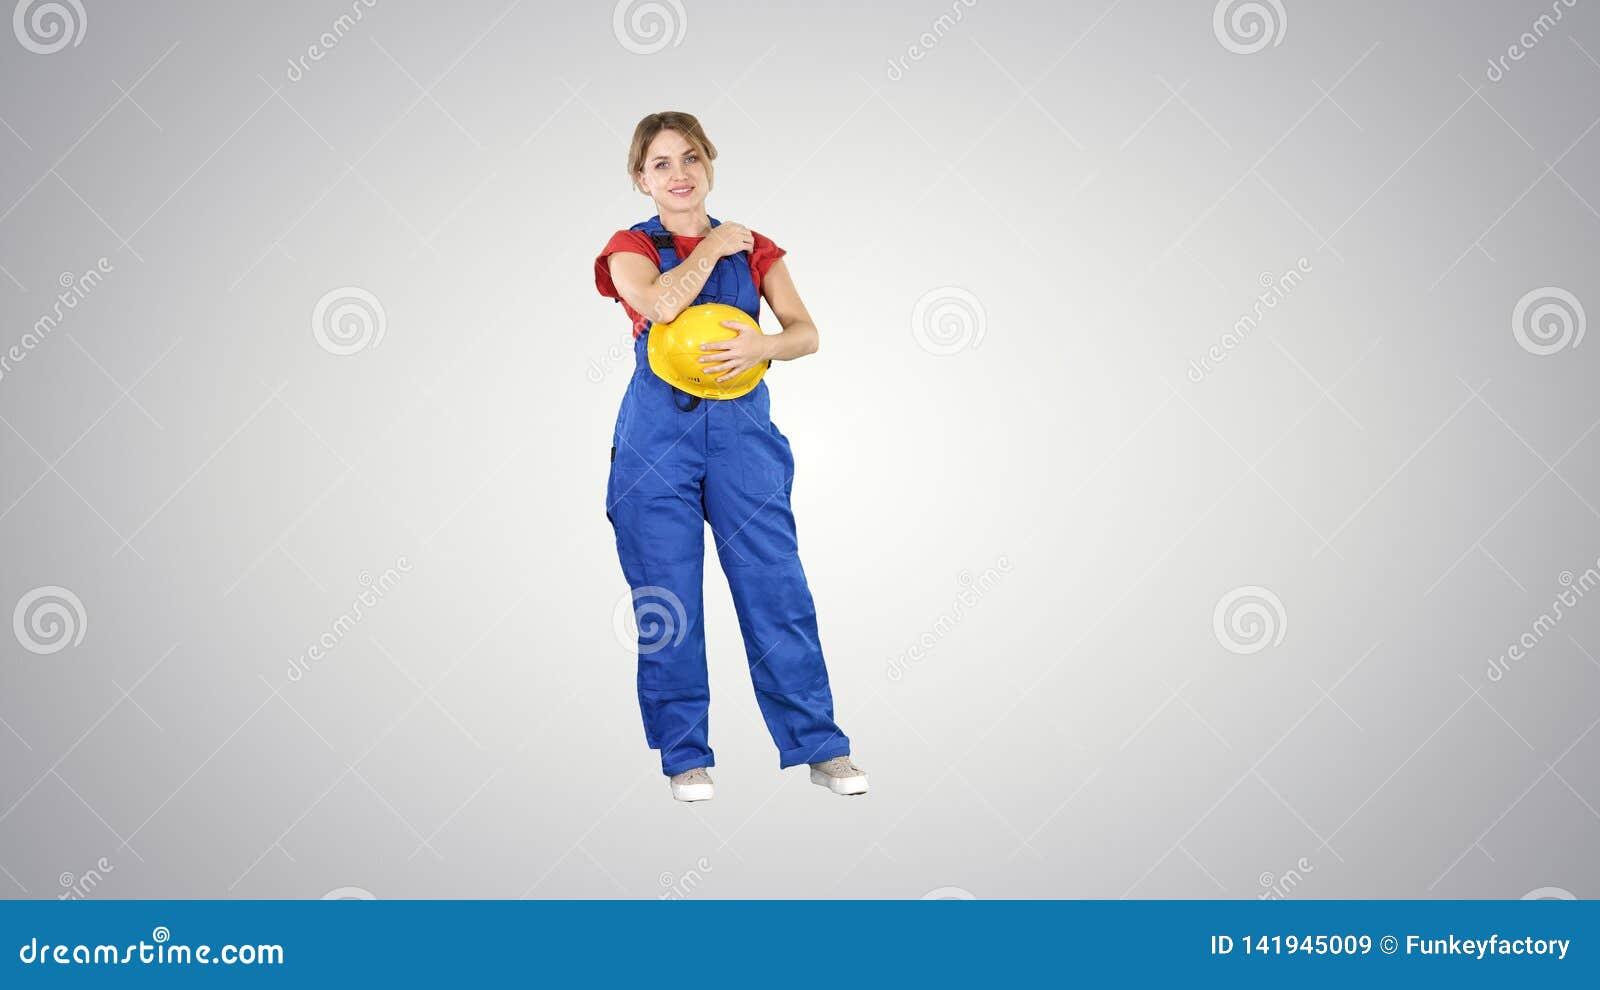 Футболка носки молодой женщины красная, с желтым шлемом безопасности, инженер смеясь на предпосылке градиента